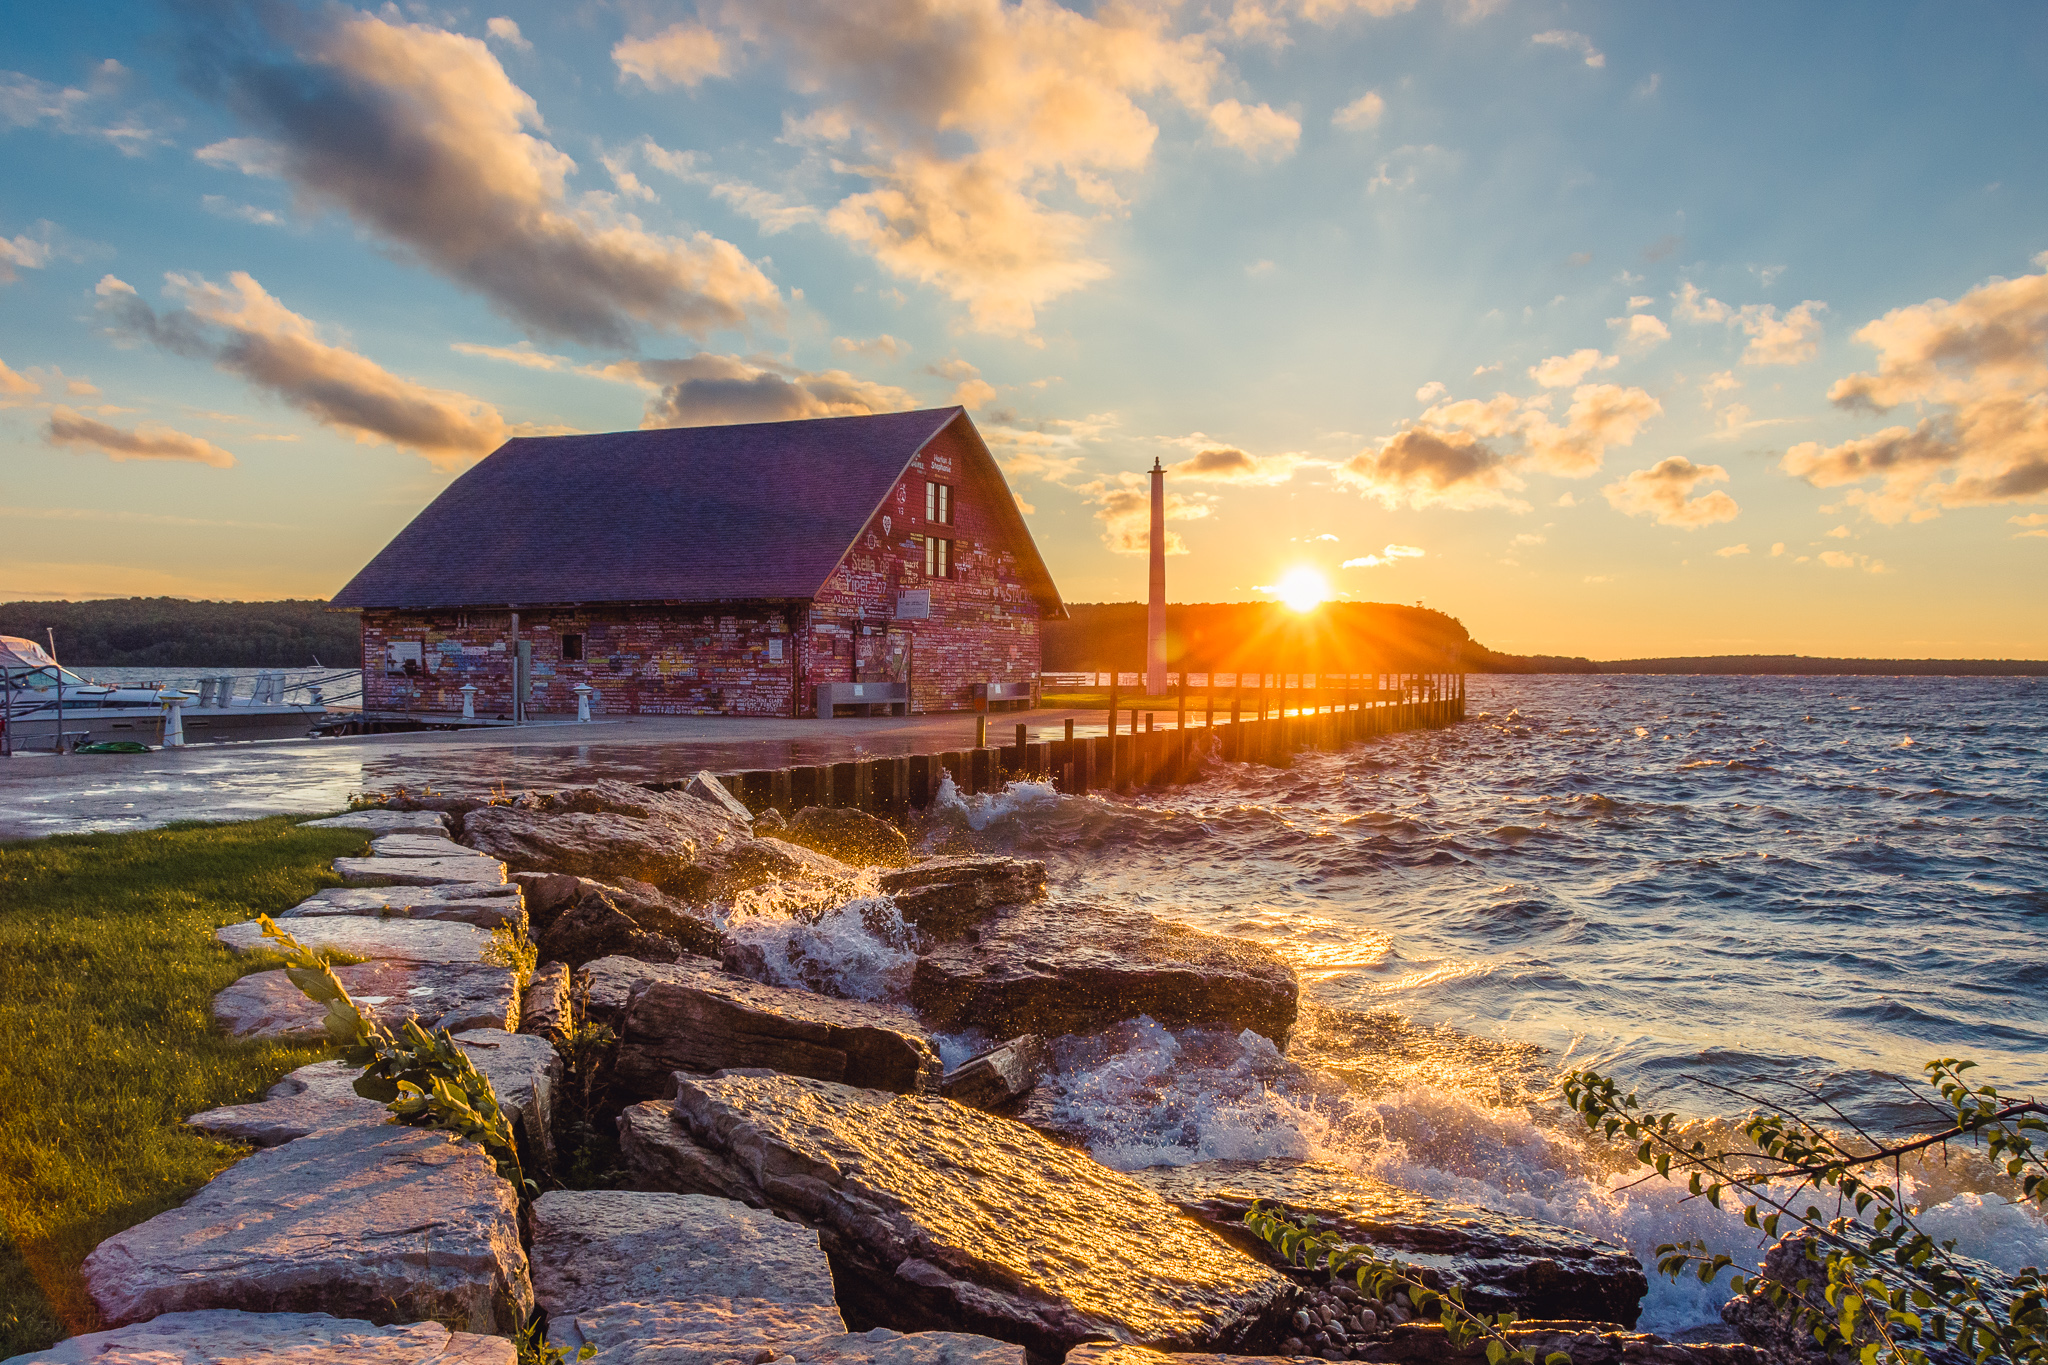 anderson dock, ephraim, door county, wisconsin